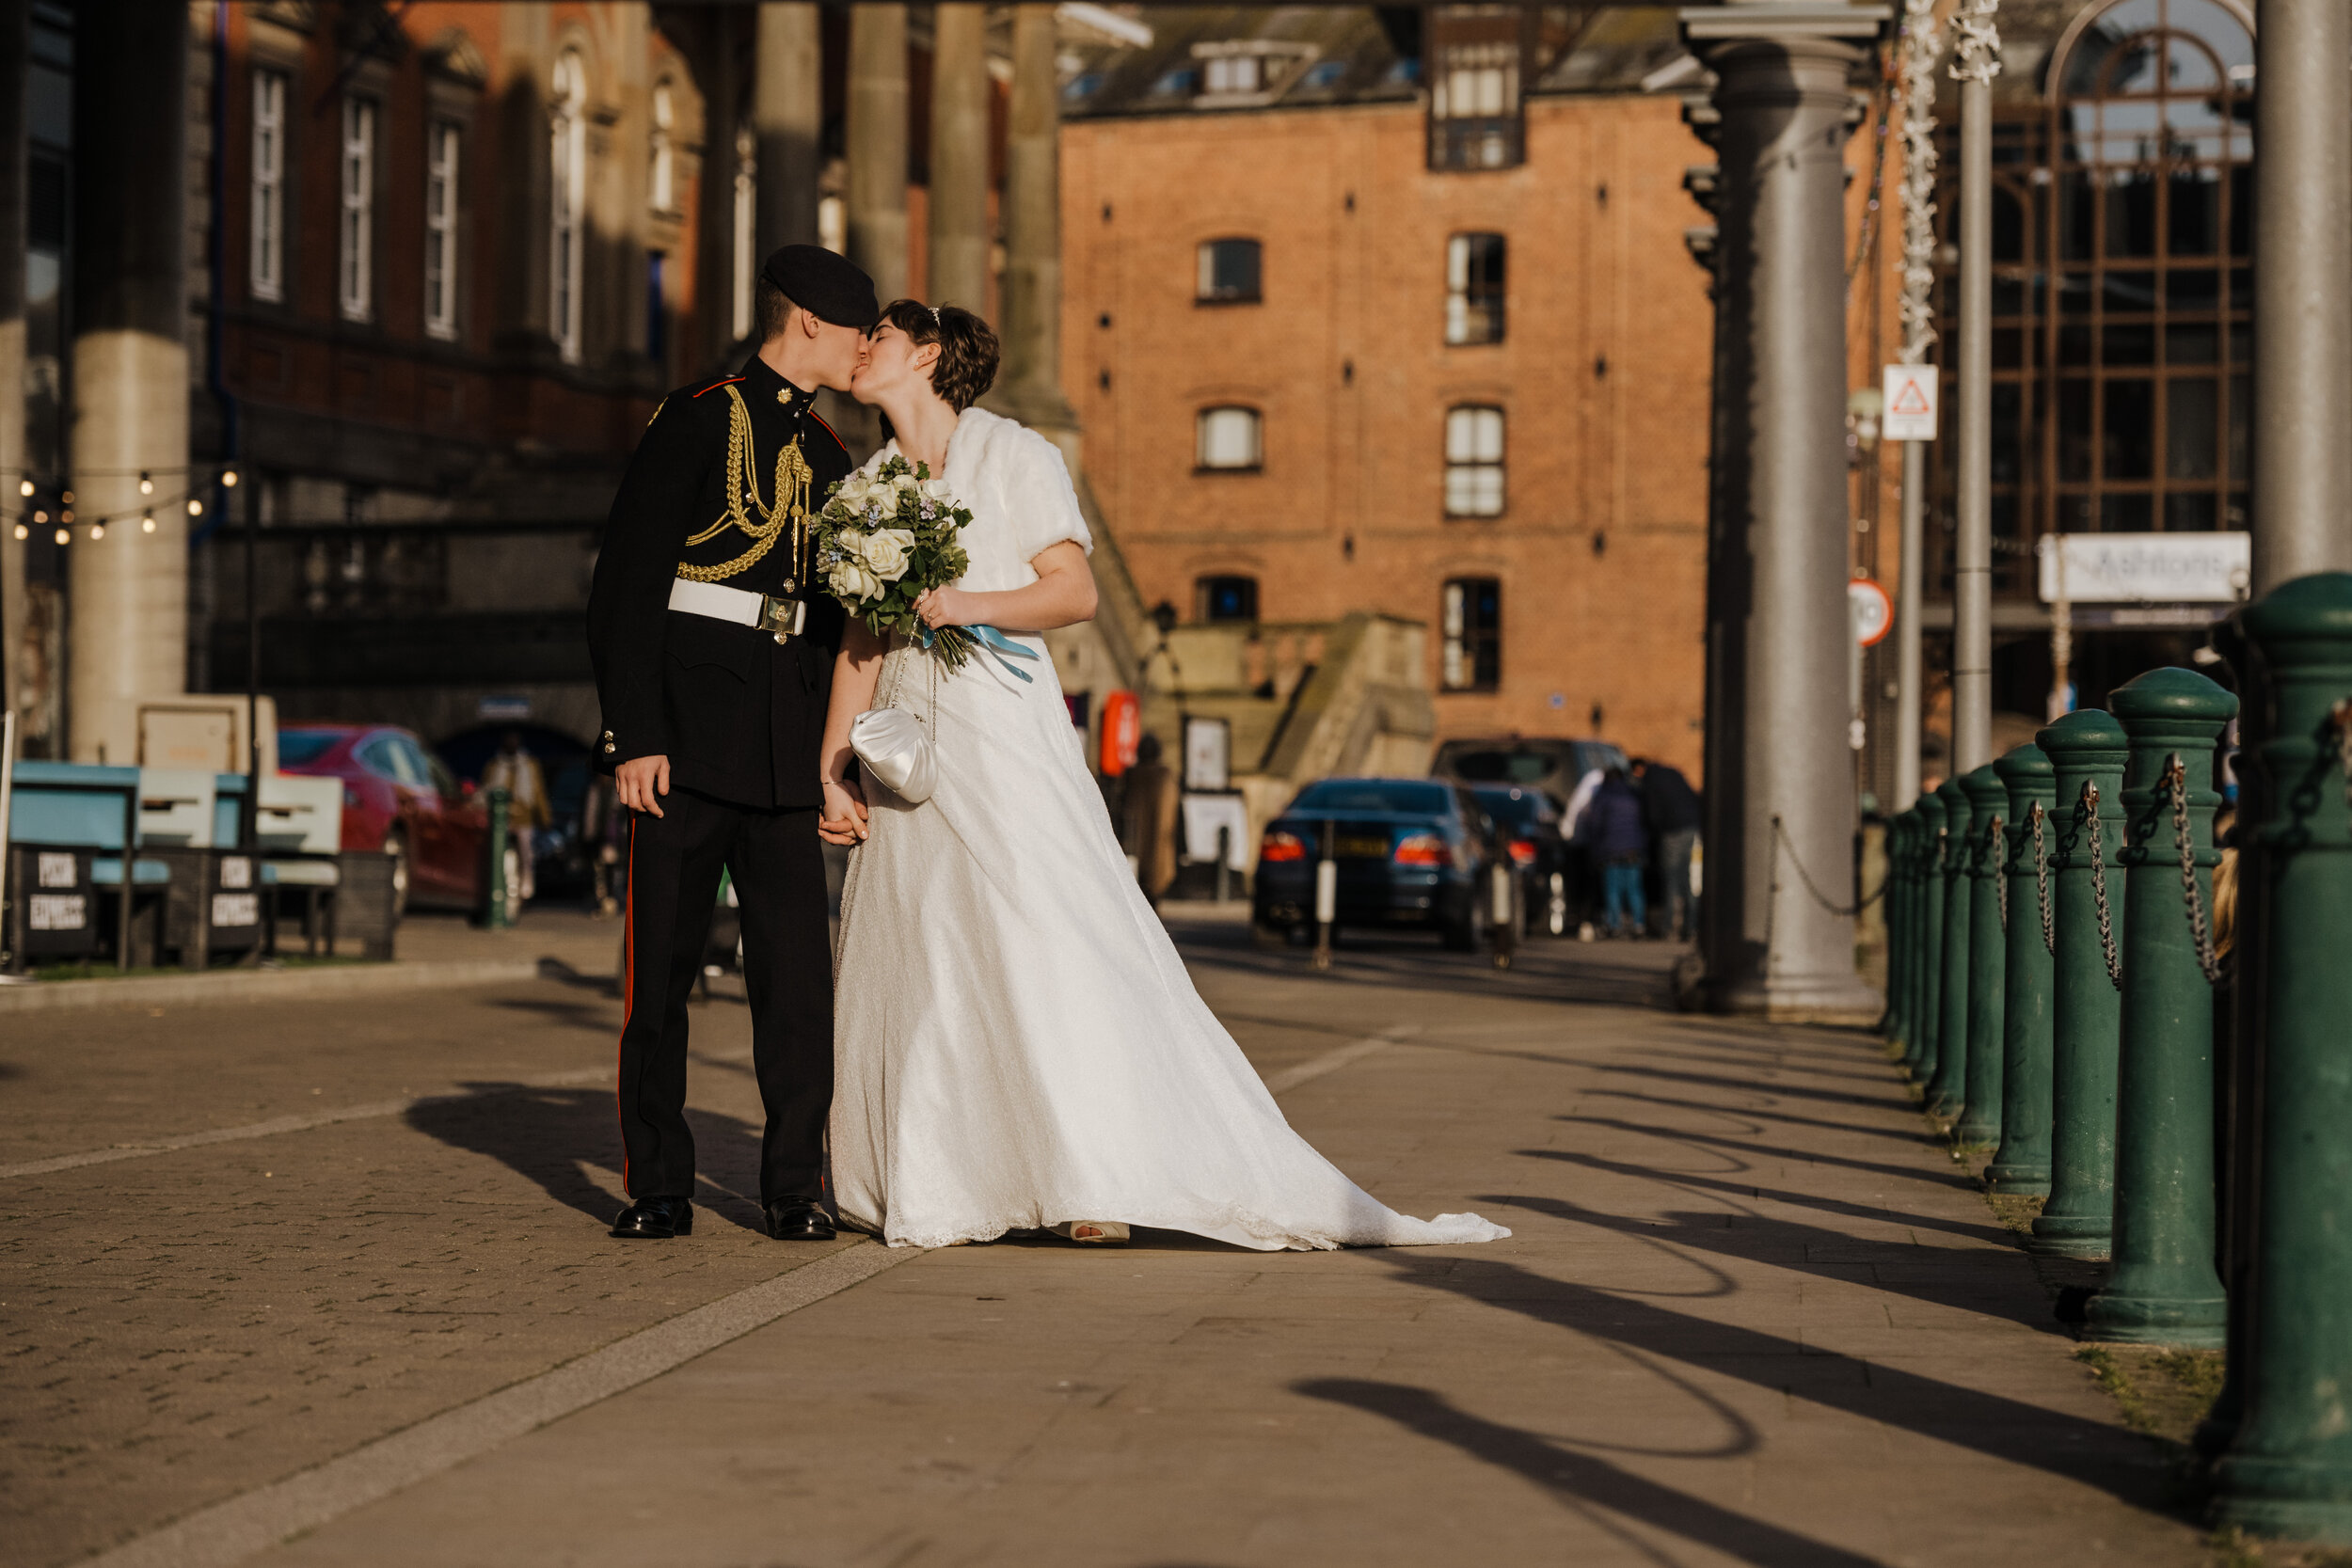 SUFFOLK_WEDDING_PHOTOGRAPHY_ISAACS_WEDDING_VENUE_WEDDINGPHOTOGRAPHERNEARME_iPSWICHWEDDINGPHOTOGRAPHER (56).jpg